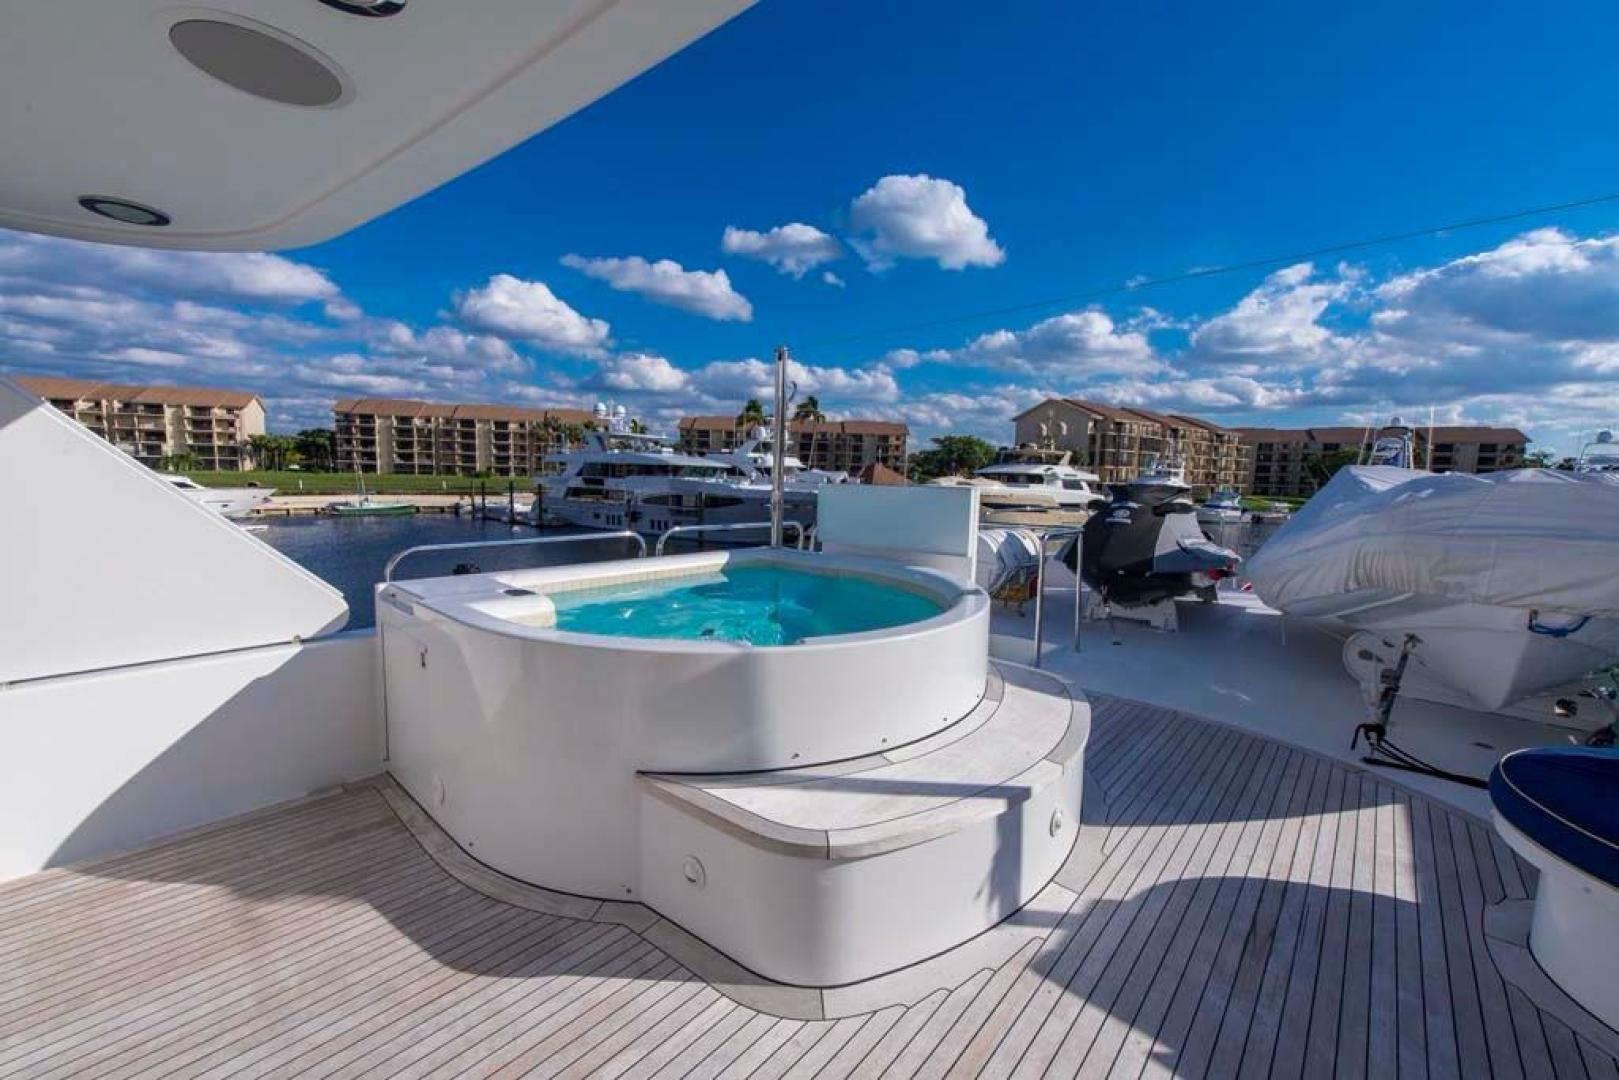 Westport-Tri-Deck 2003-Vision Jupiter-Florida-United States-Sky Lounge Aft Deck Jacuzzi-370718 | Thumbnail